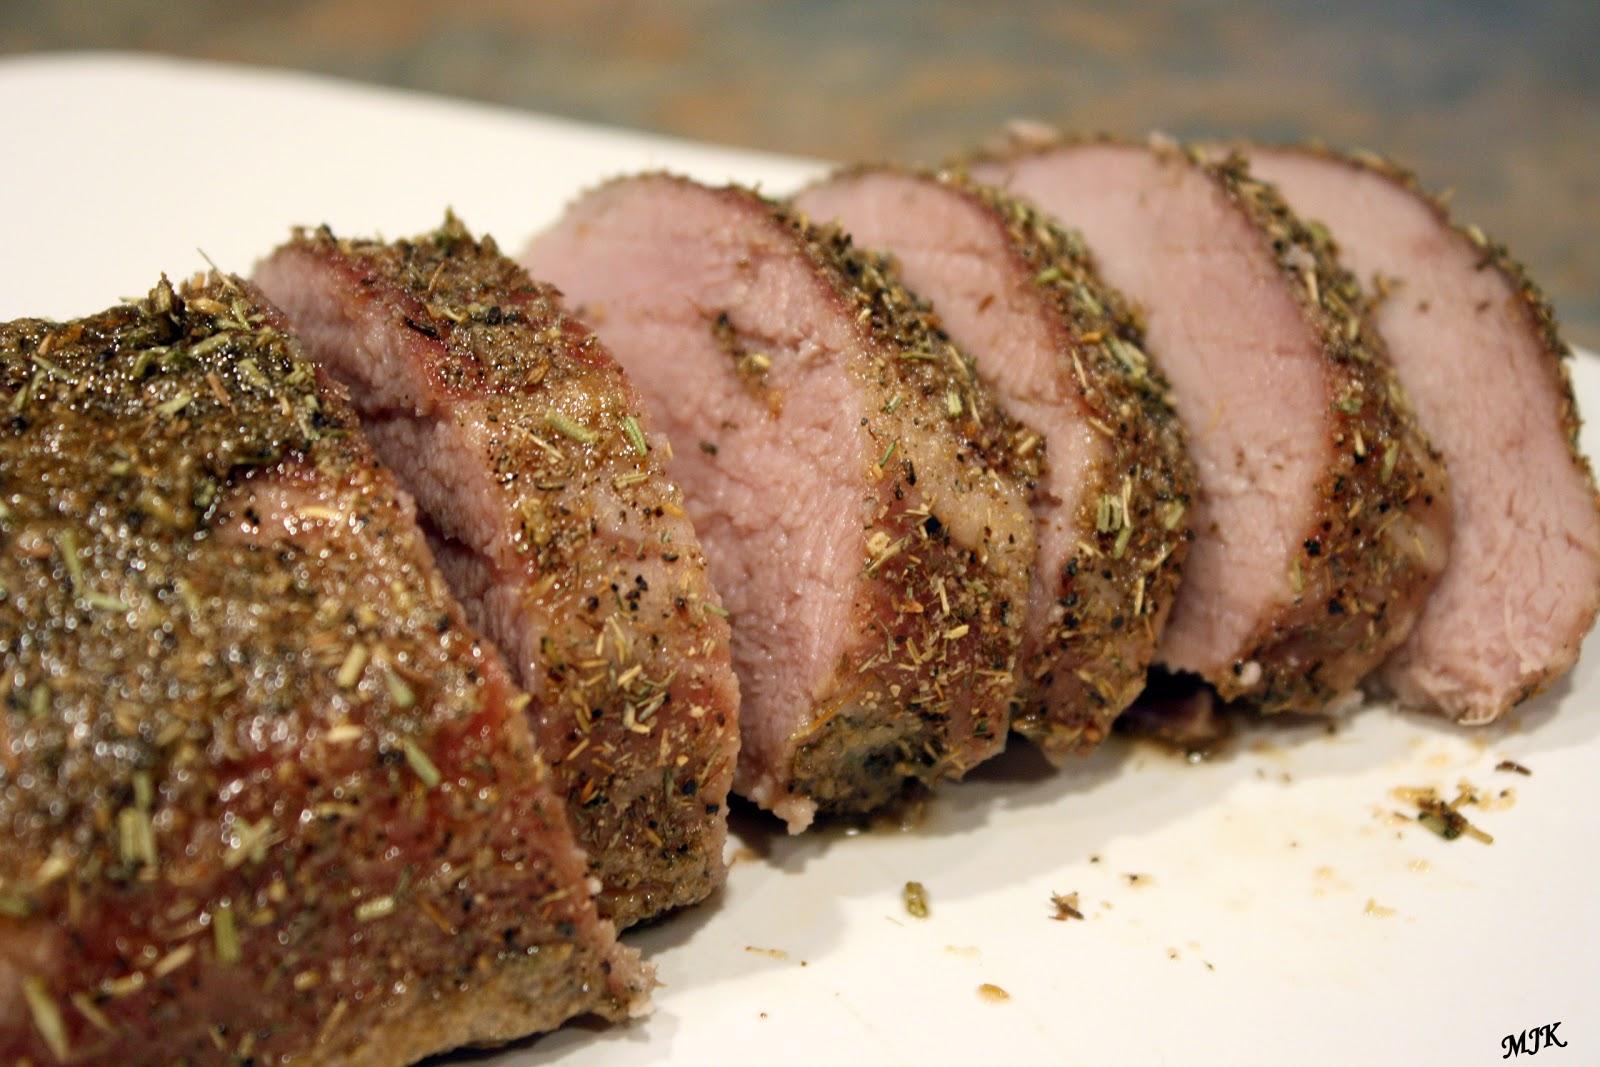 Melissa's Cuisine: Roasted Pork Loin